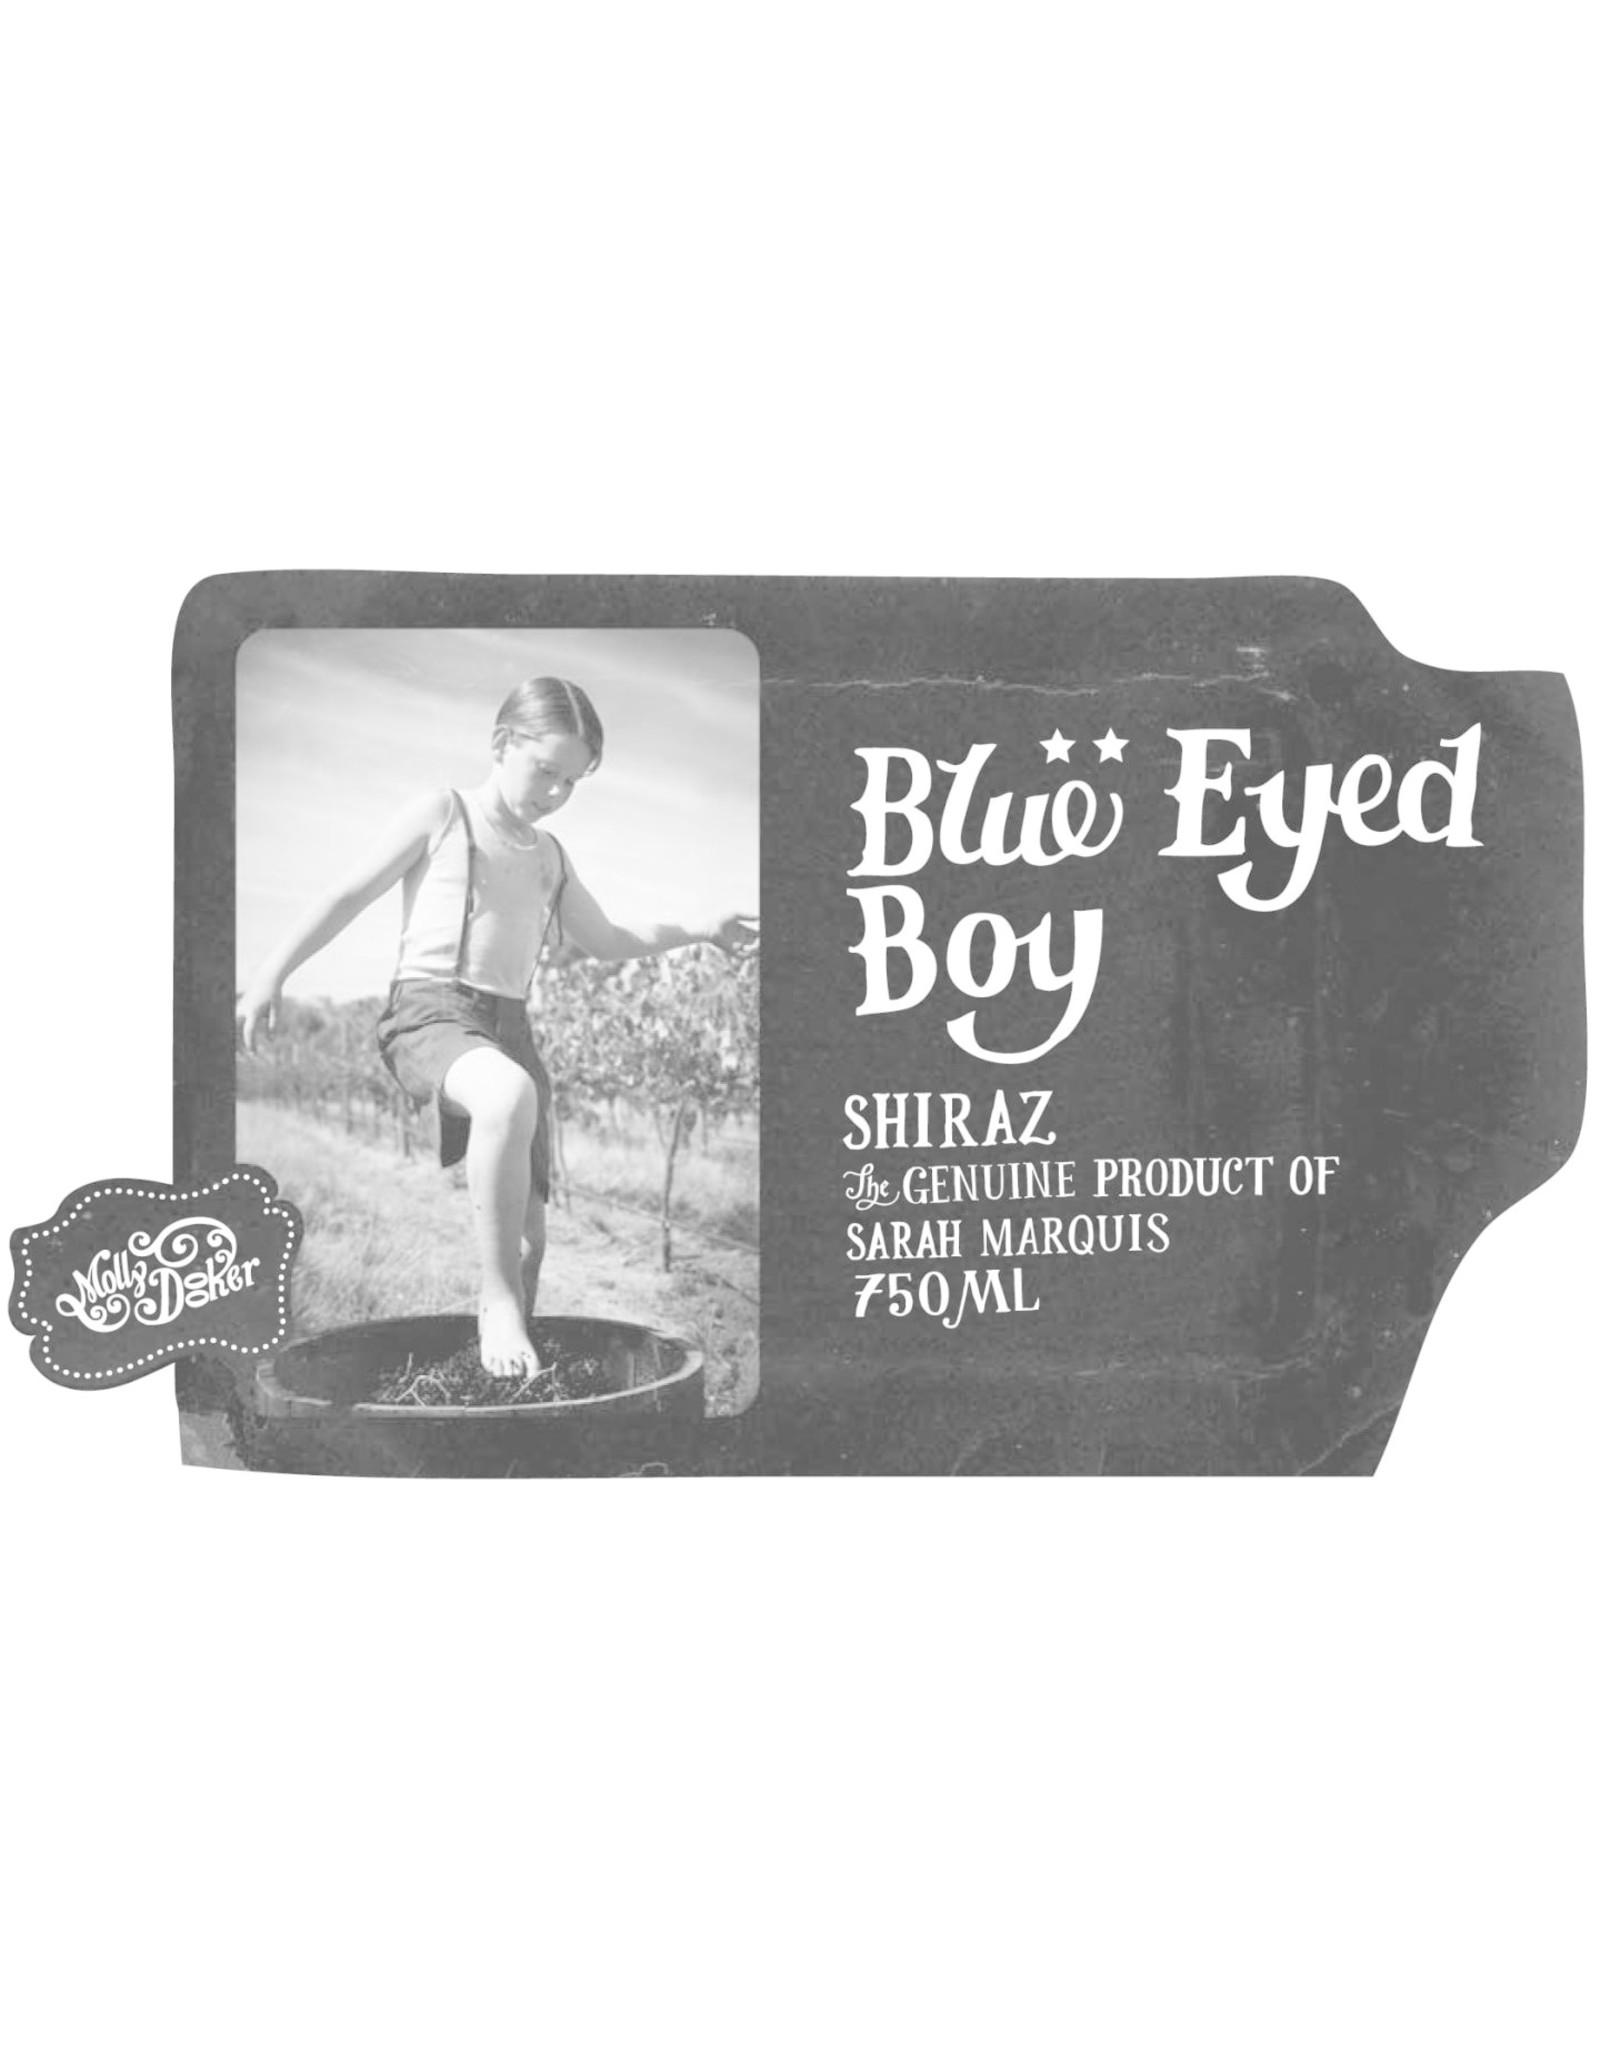 Mollydooker Mollydooker Blue Eyed Boy Shiraz, South Australia 2018